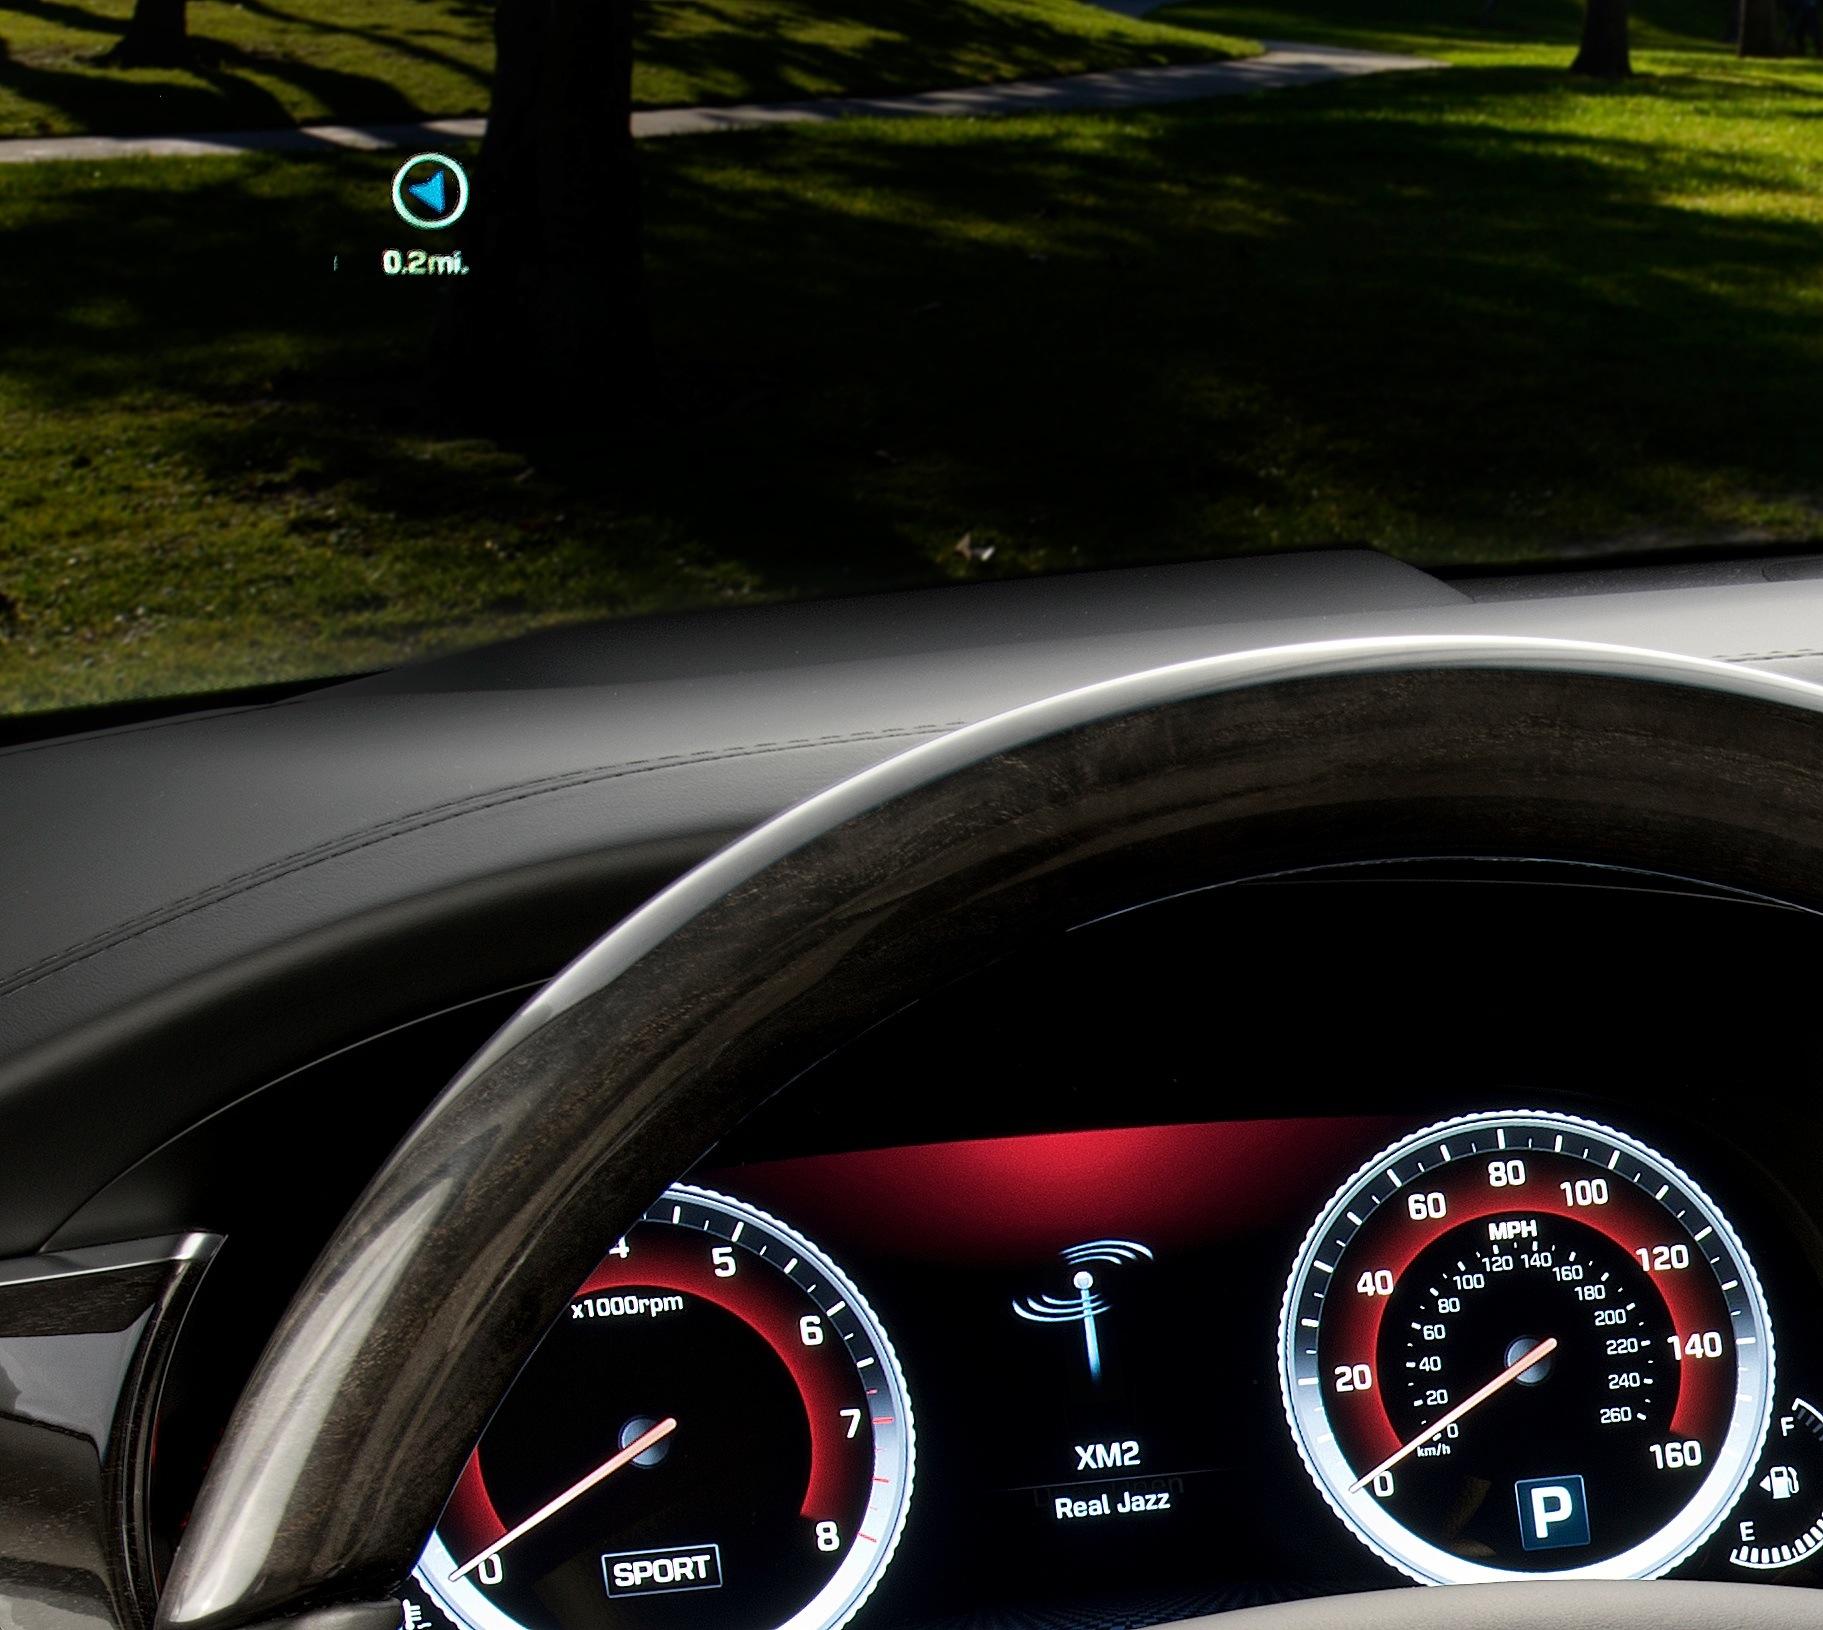 2012 Hyundai Equus Interior: 2010, 2011, 2012, 2013, 2014, 2015, 2016